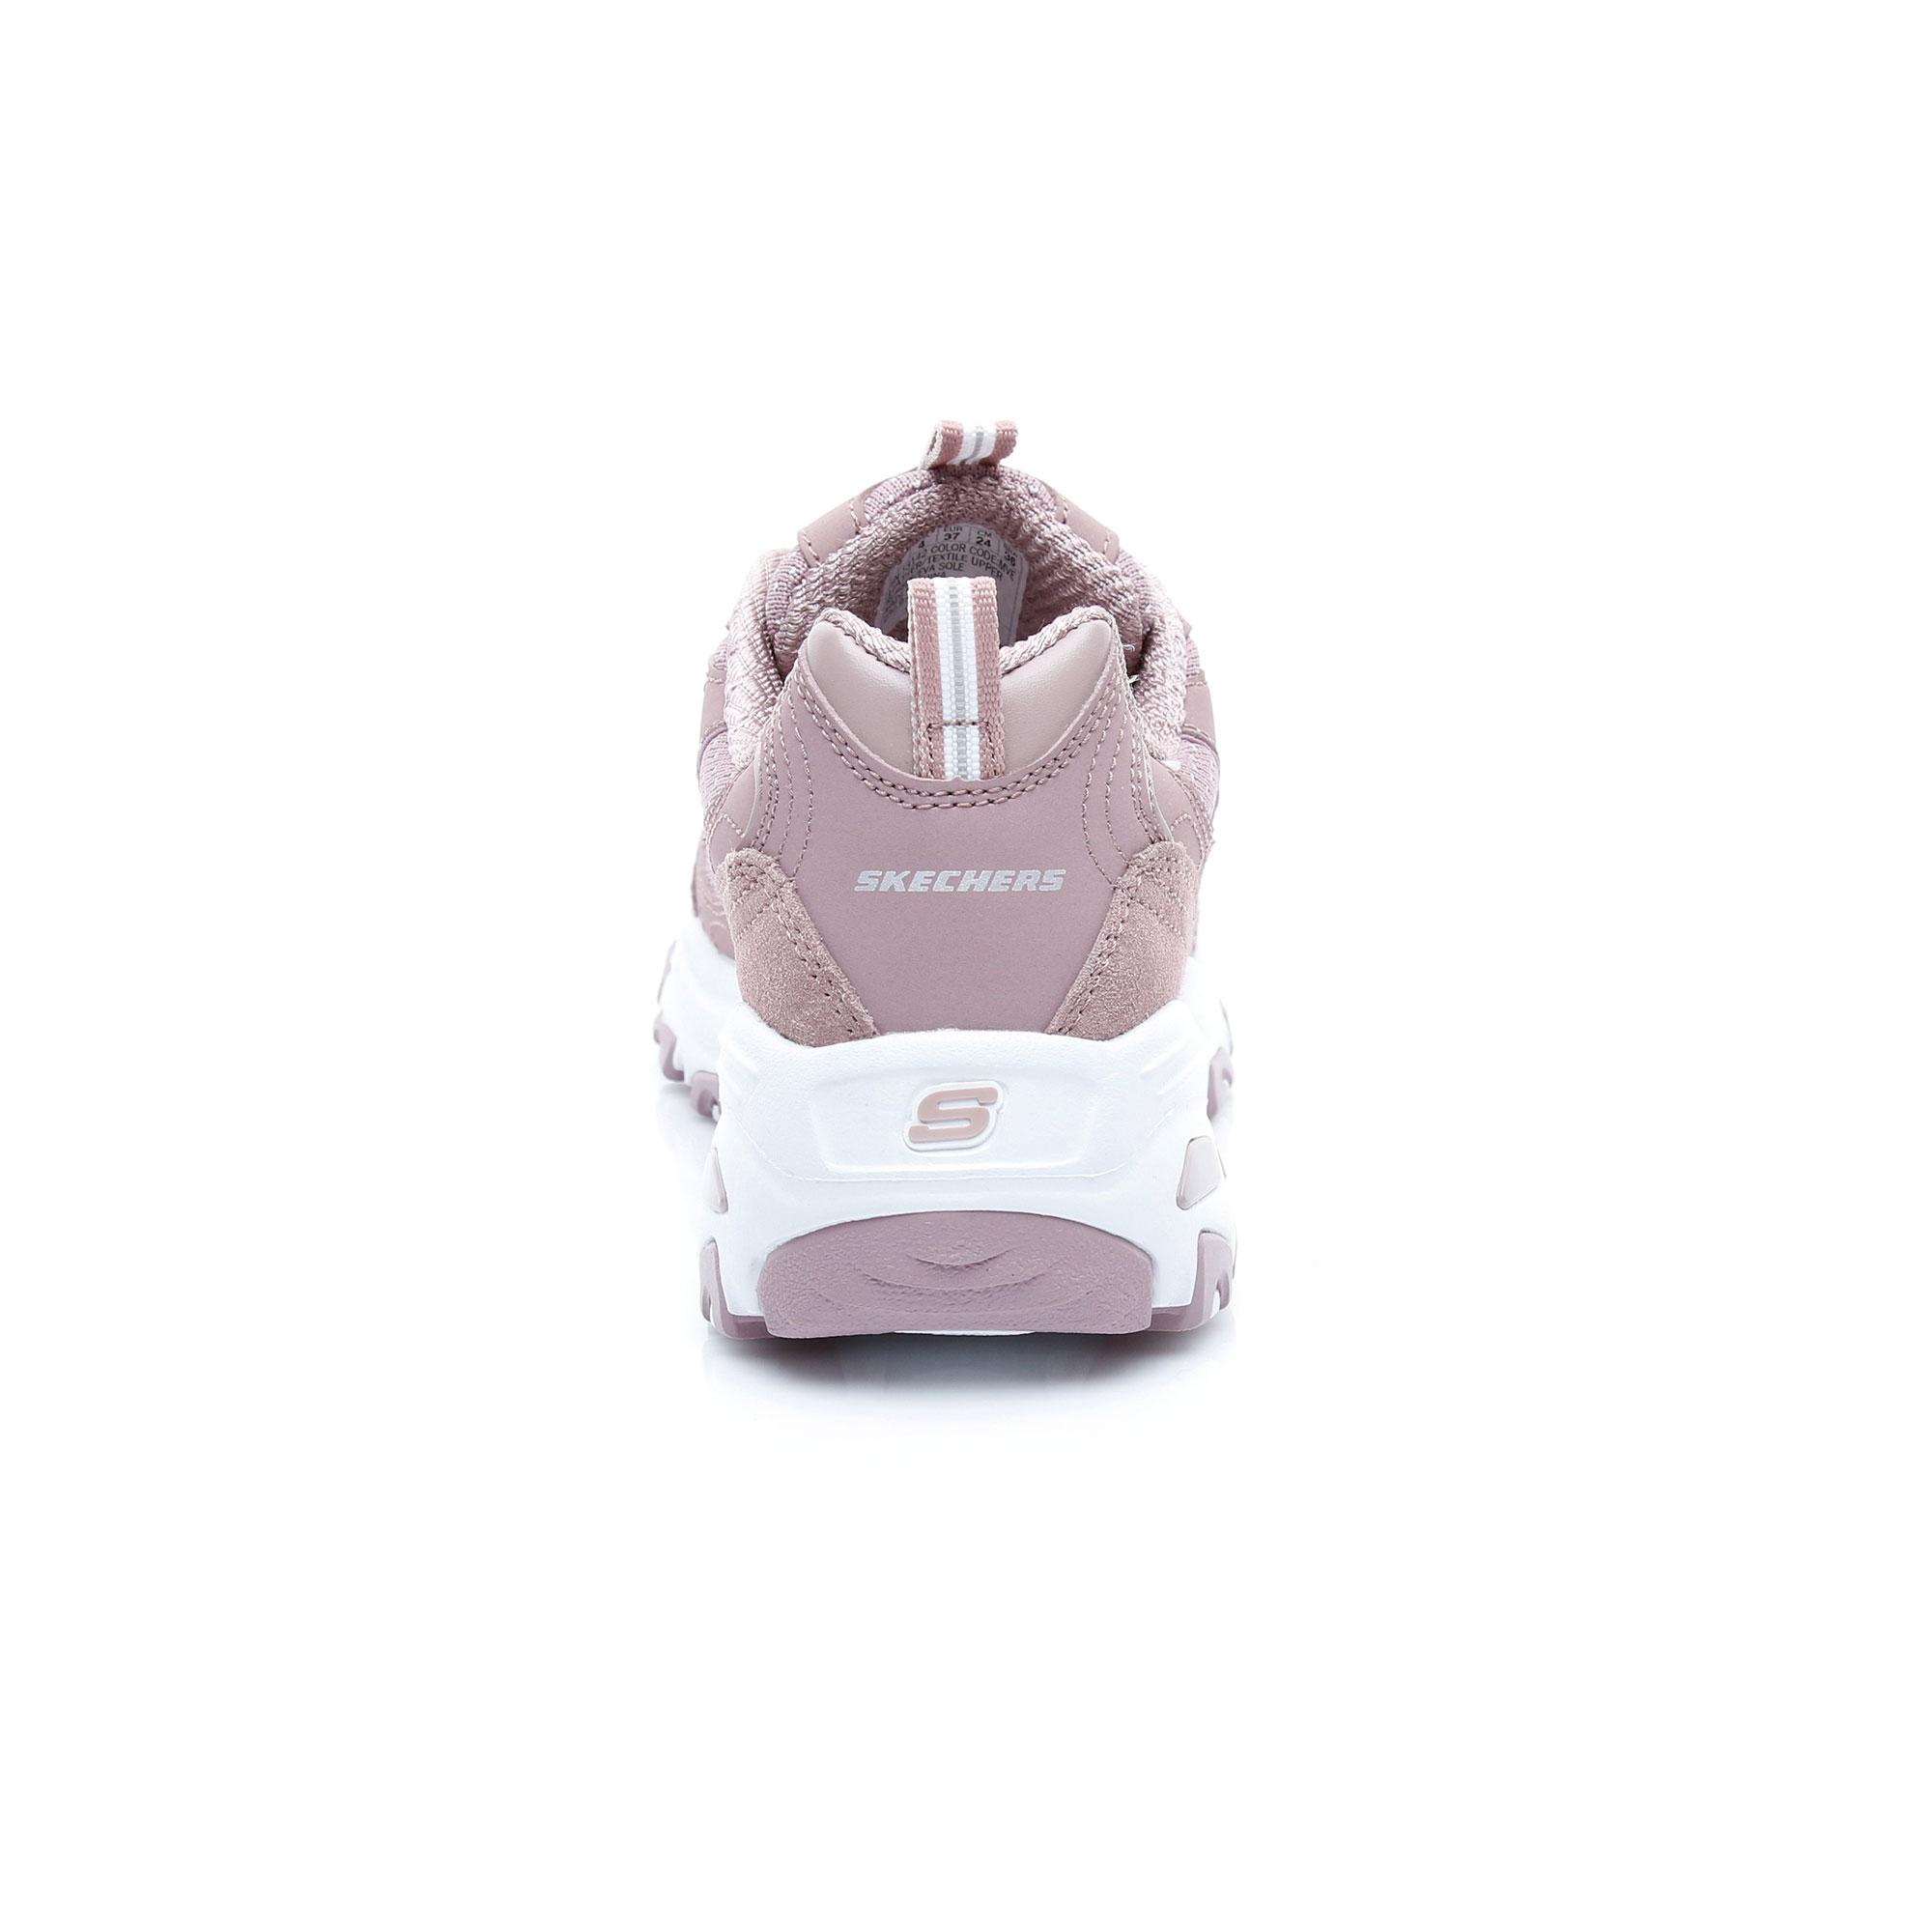 Skechers D'Lites Kadın Leylak Spor Ayakkabı